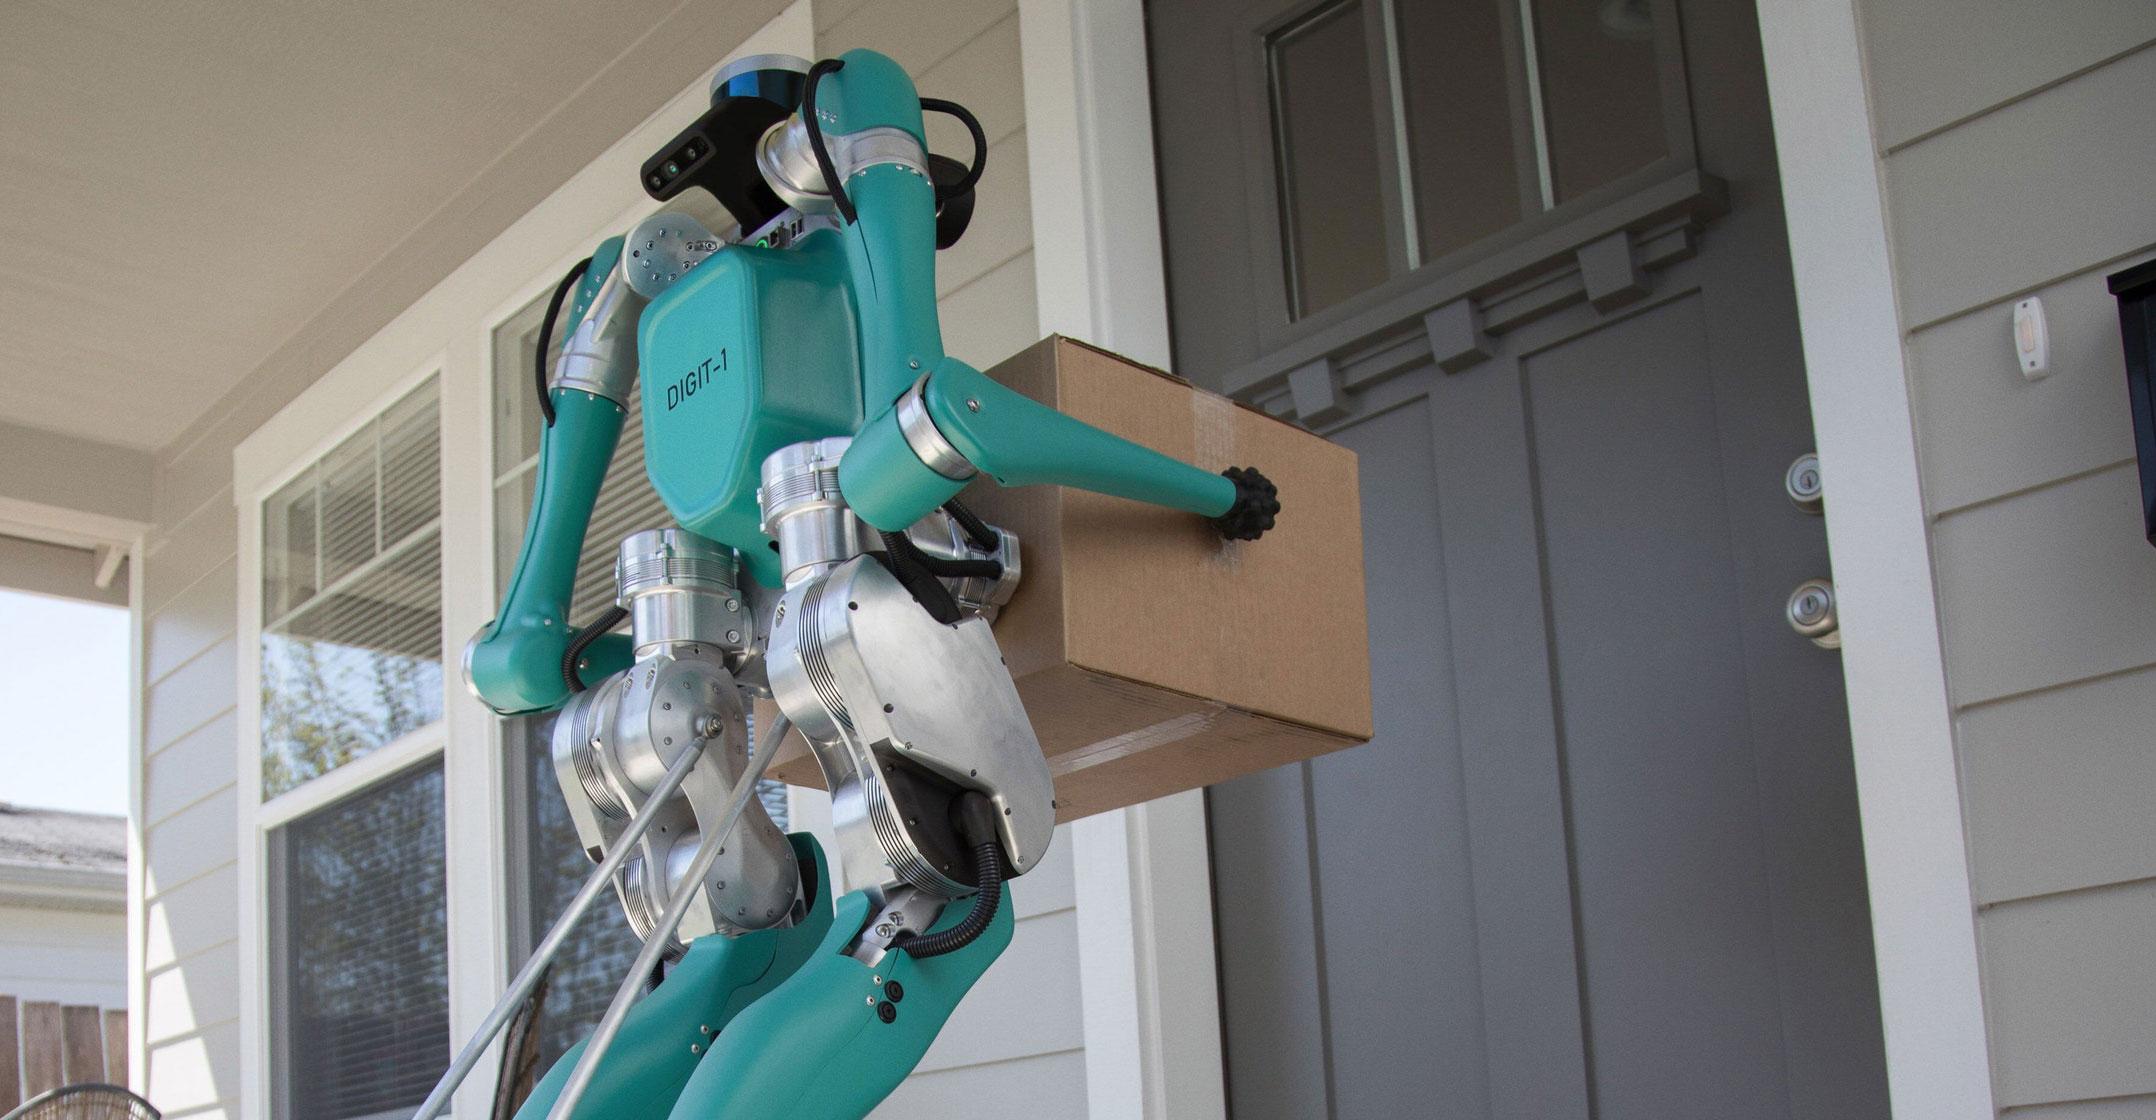 Ford et Agility Robotics ont développé le robot Digit capable de livrer des colis à domicile de manière autonome